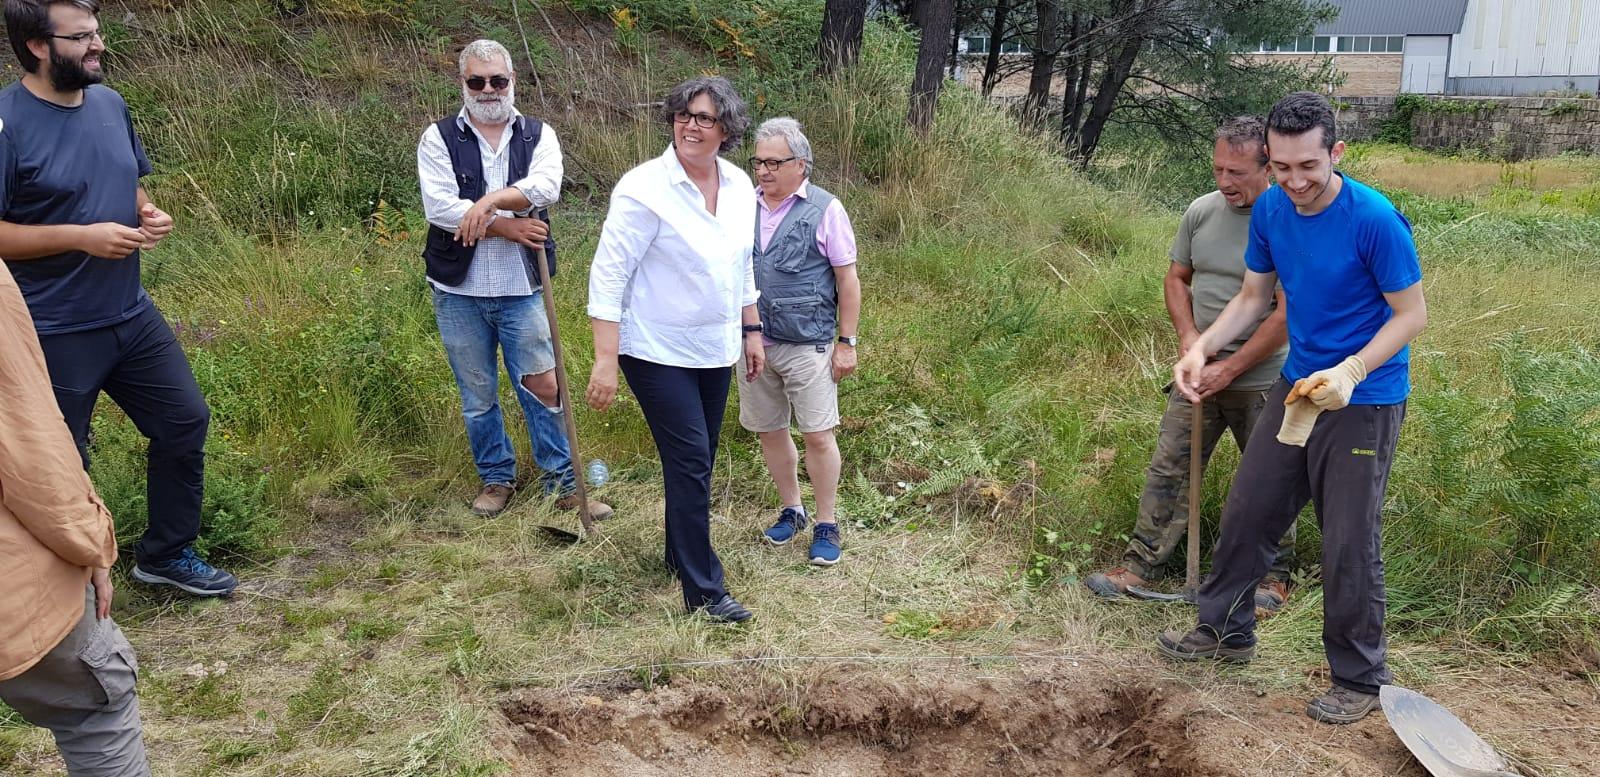 A alcaldesa visita o xacemento paleolítico das Gándaras de Budiño no que se retomaron, logo de máis de 20 anos, os traballos arqueolóxicos, nos que colabora o Concello do Porriño